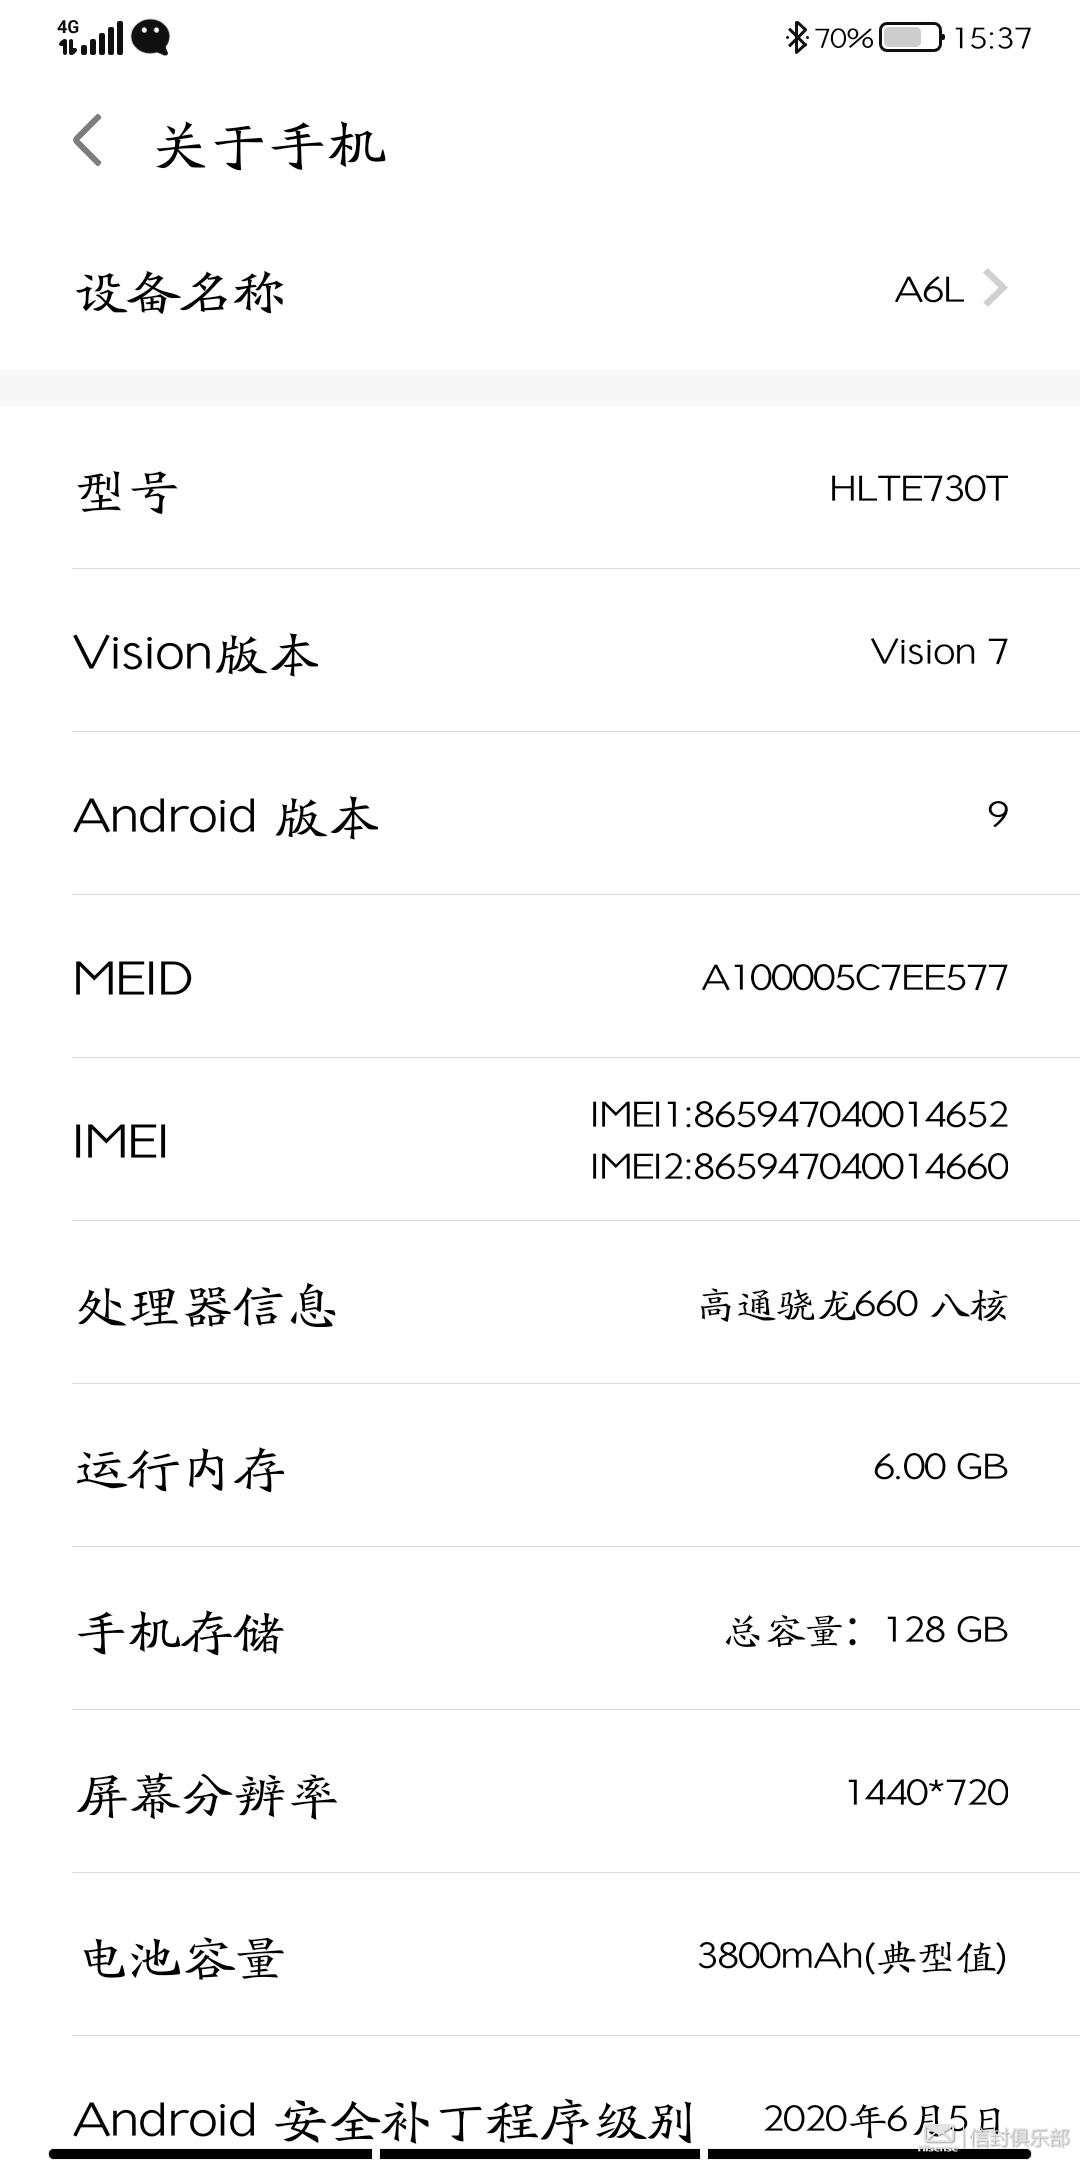 Screenshot_20210730_153706692_设置.jpg